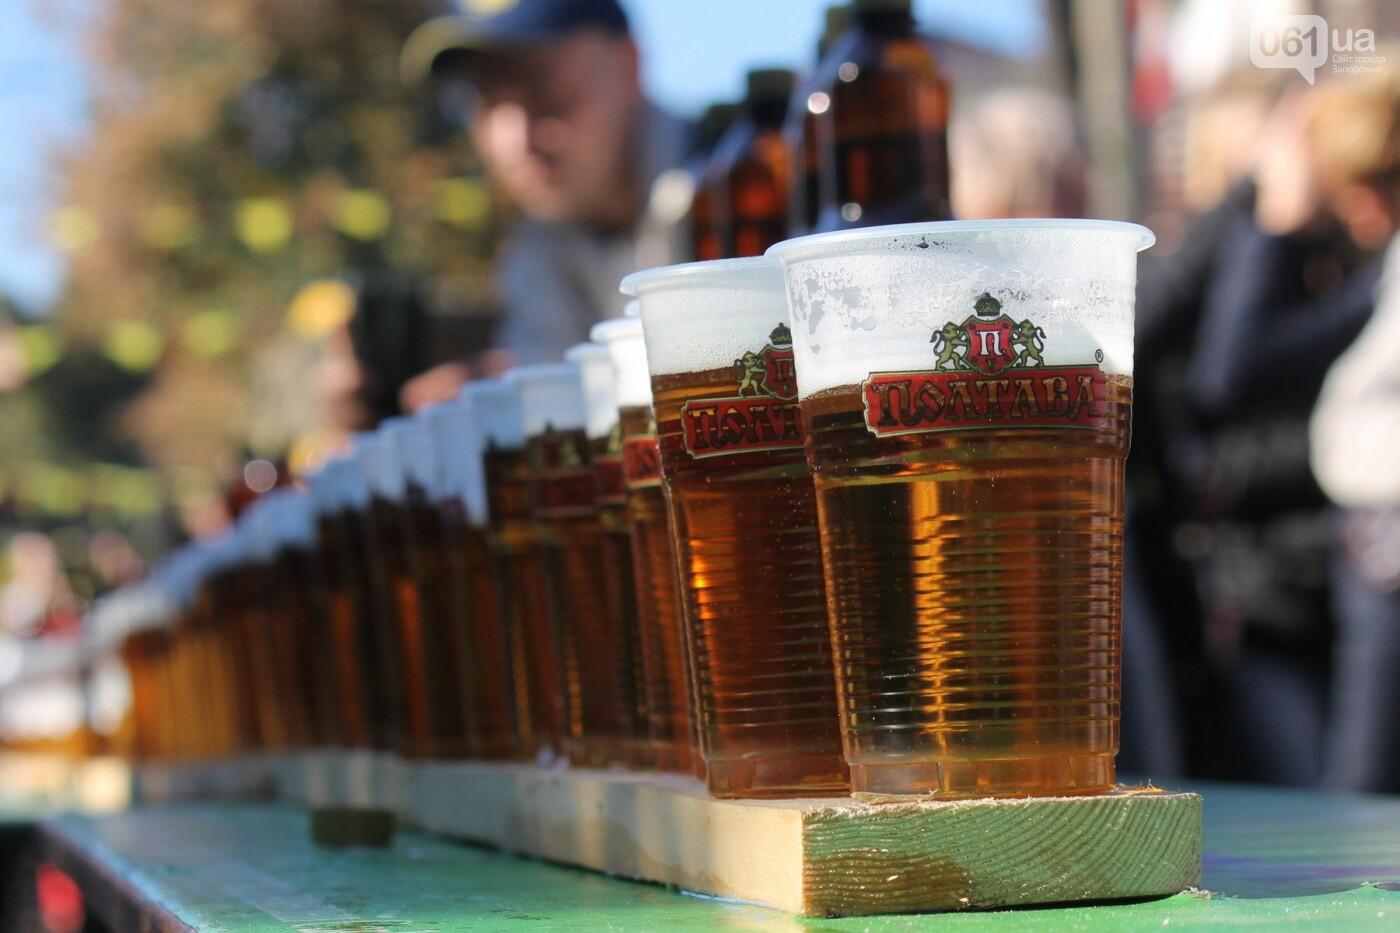 Как в Запорожье прошел пивной фестиваль «Beluga Beer fest», – ФОТОРЕПОРТАЖ, фото-53